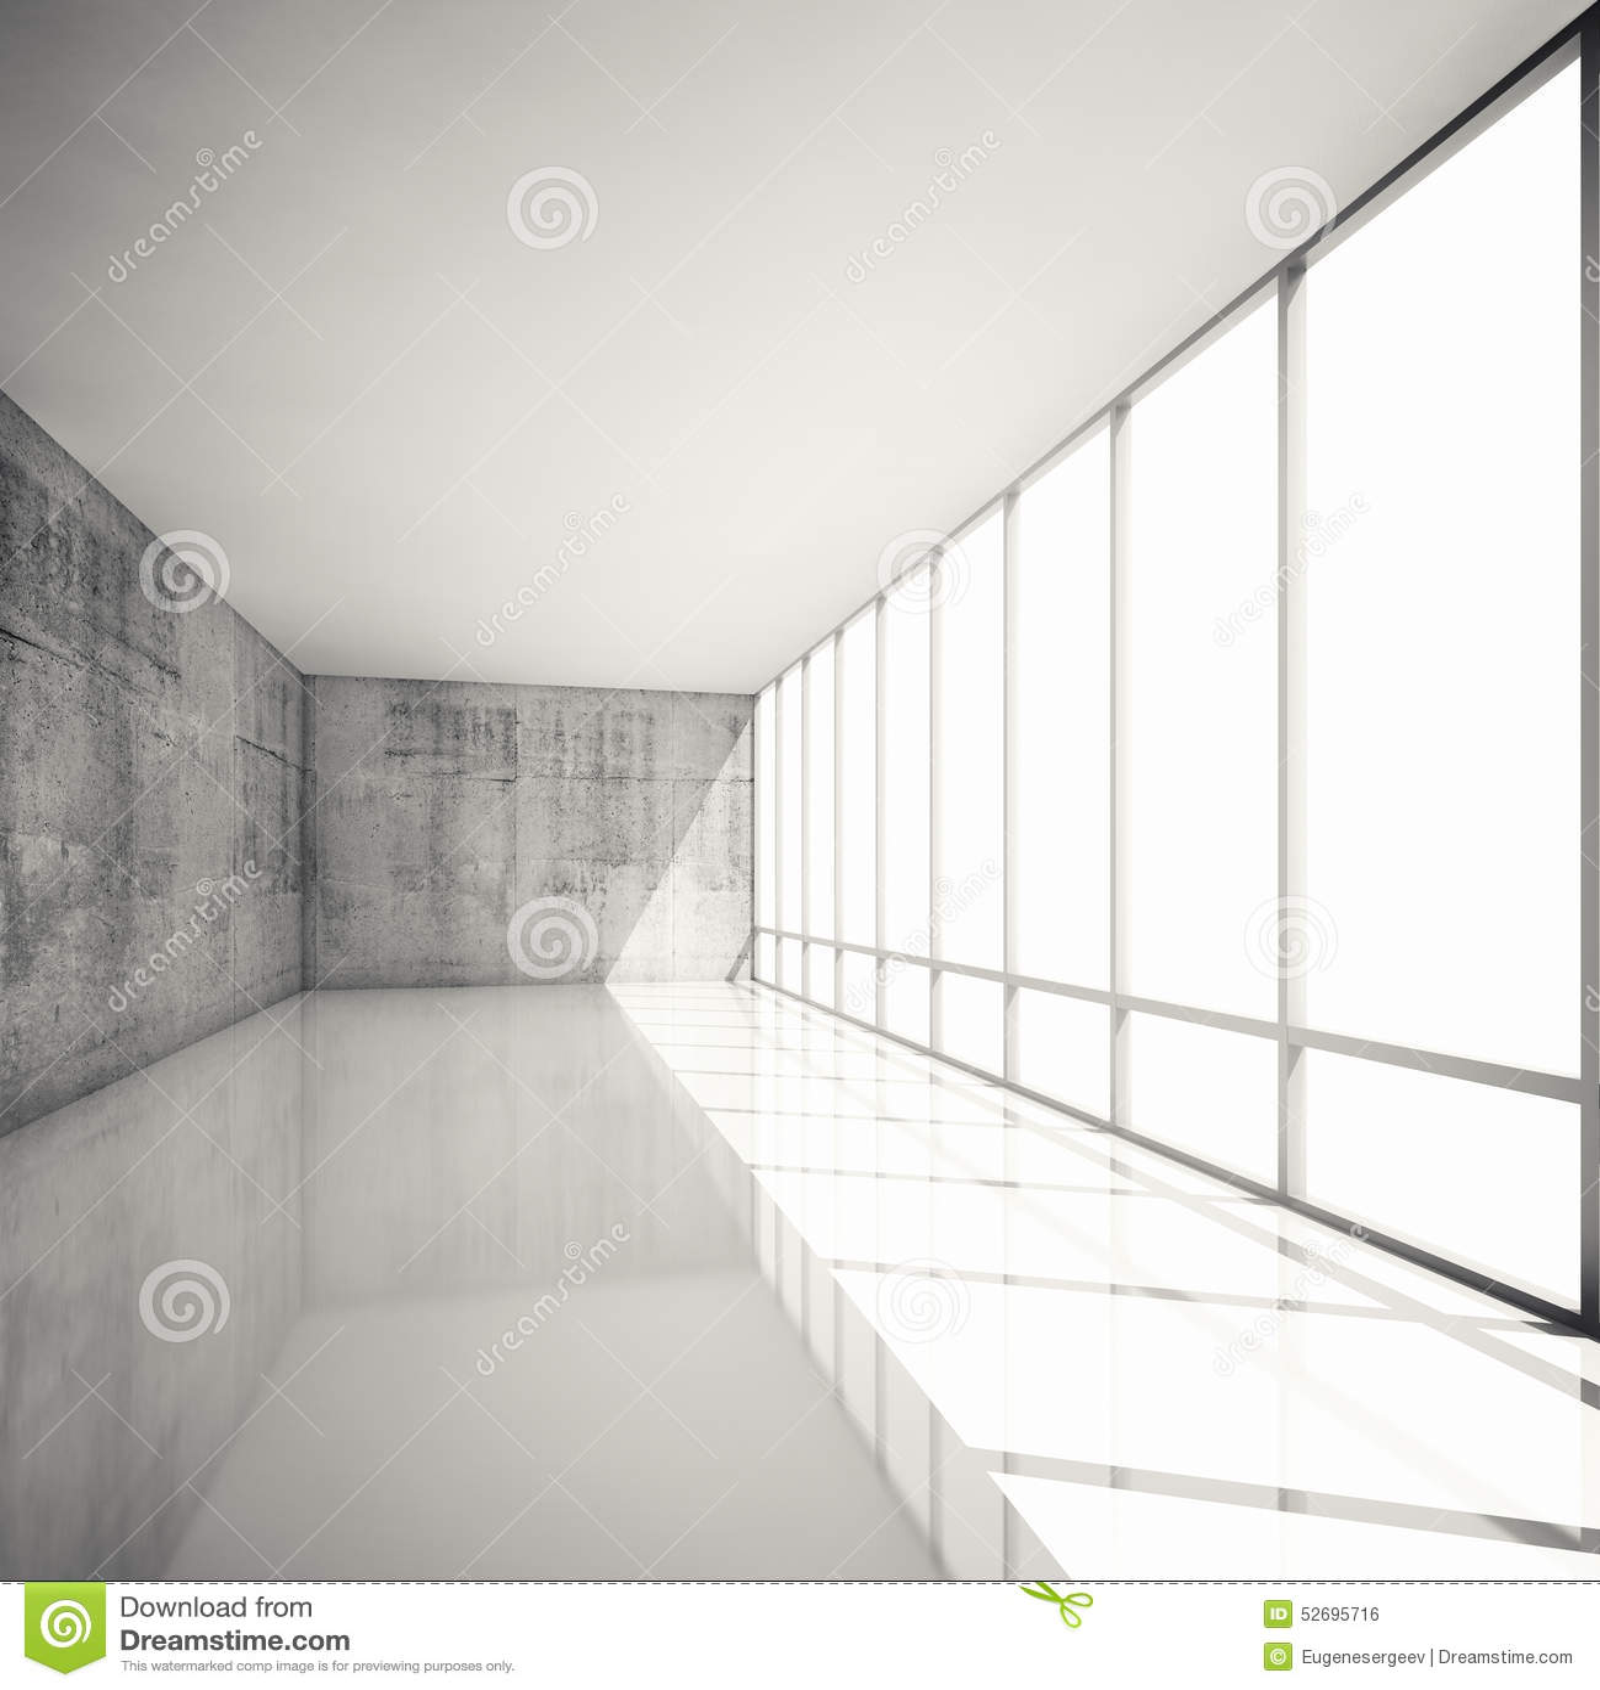 Fond moderne abstrait de l 39 architecture 3d int rieur vide for Architecture interieur 3d